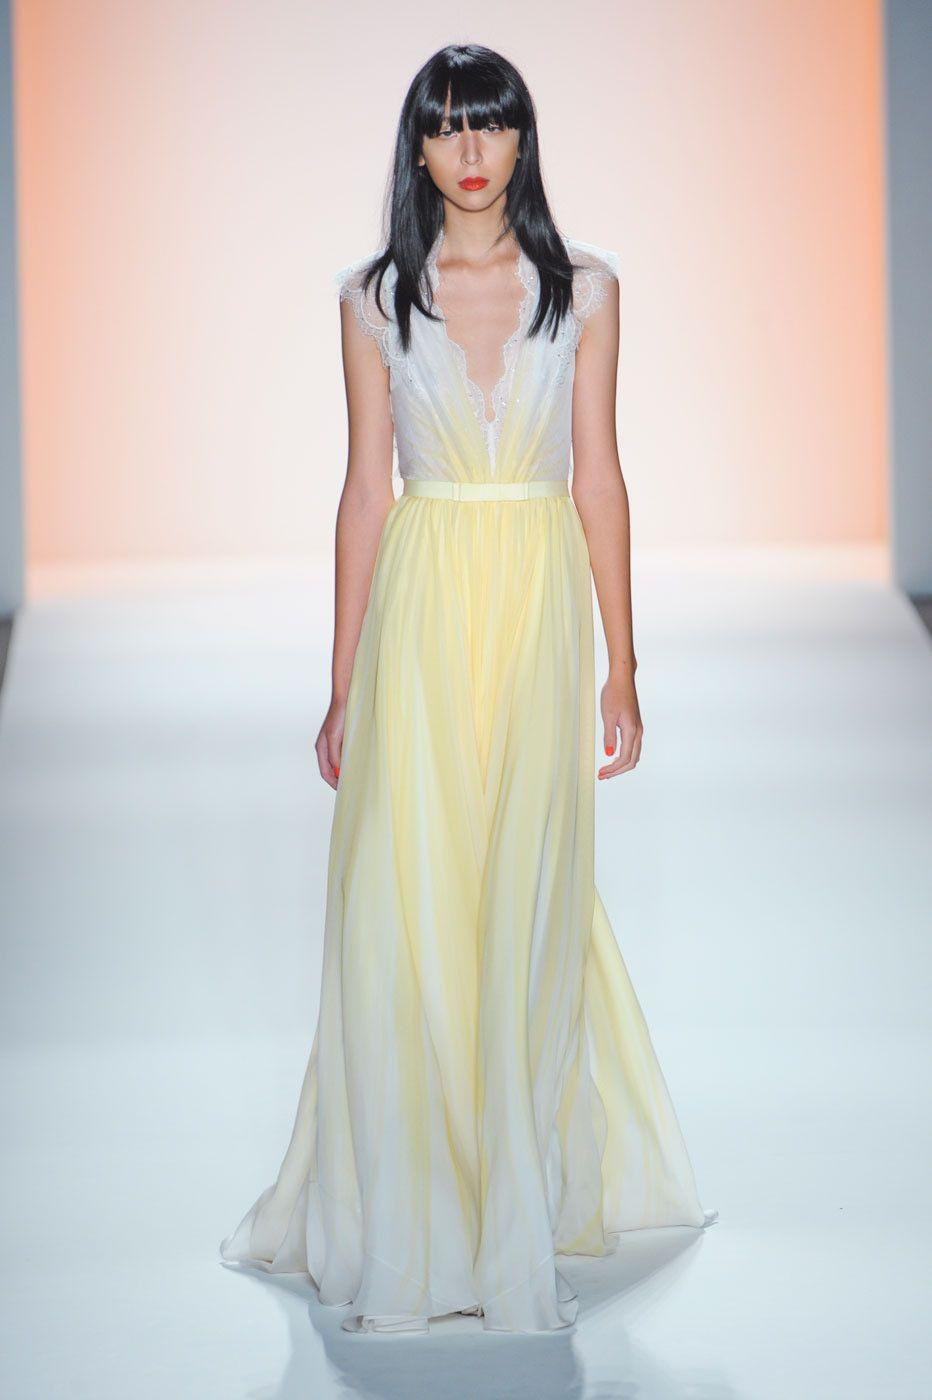 Jenny Packham at New York Fashion Week Spring 2012 - StyleBistro